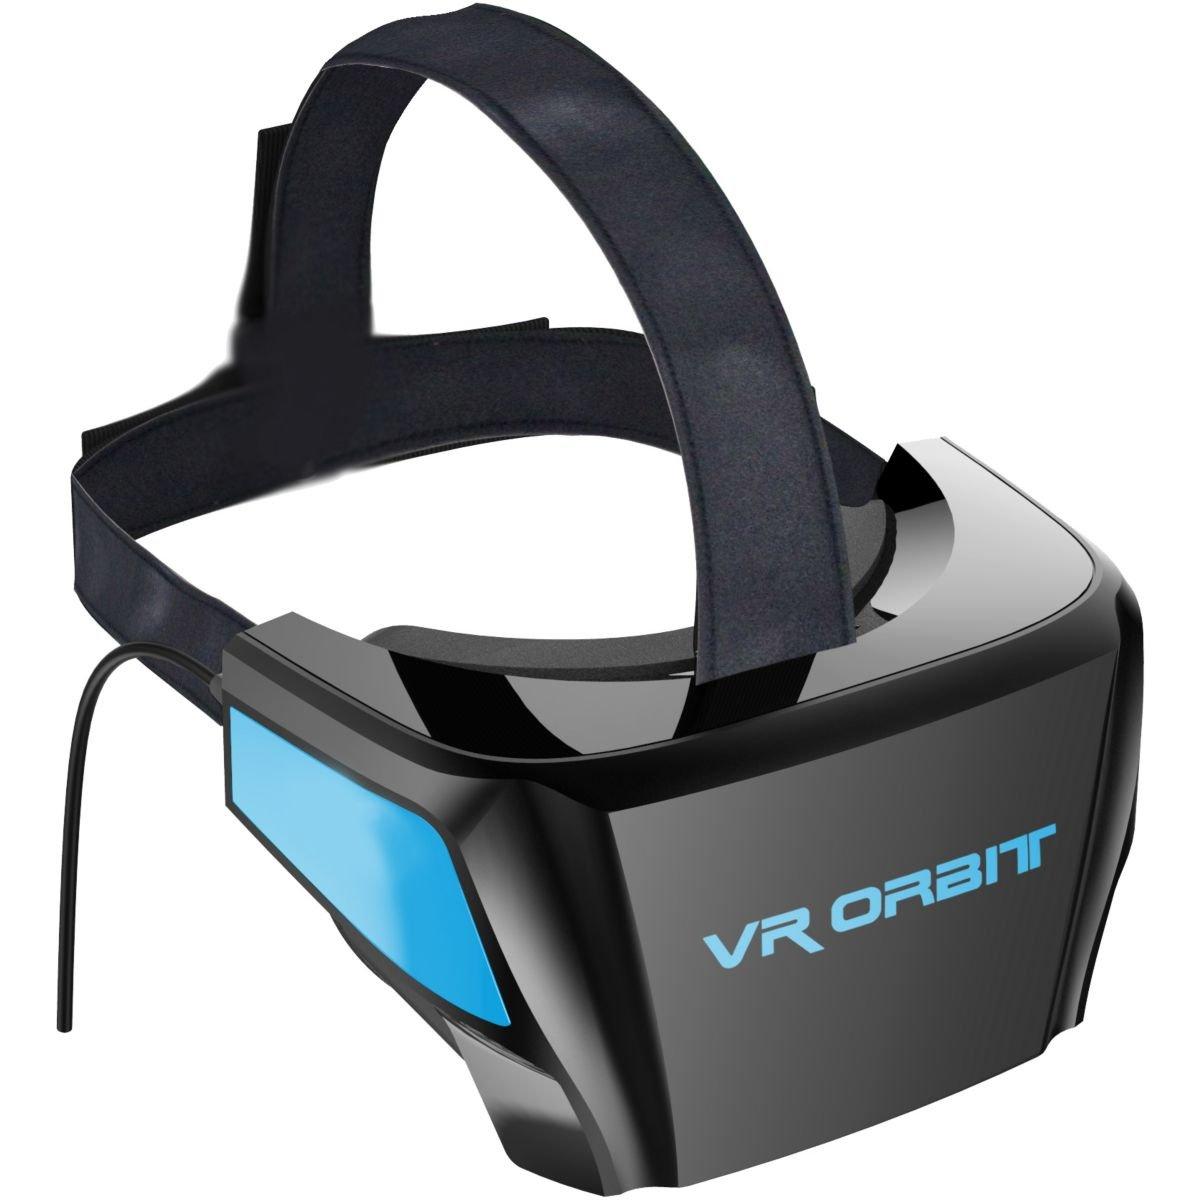 Casque Réalité Virtuelle – VR Orbit PC Headset DK2 – Casque de réalité virtuelle